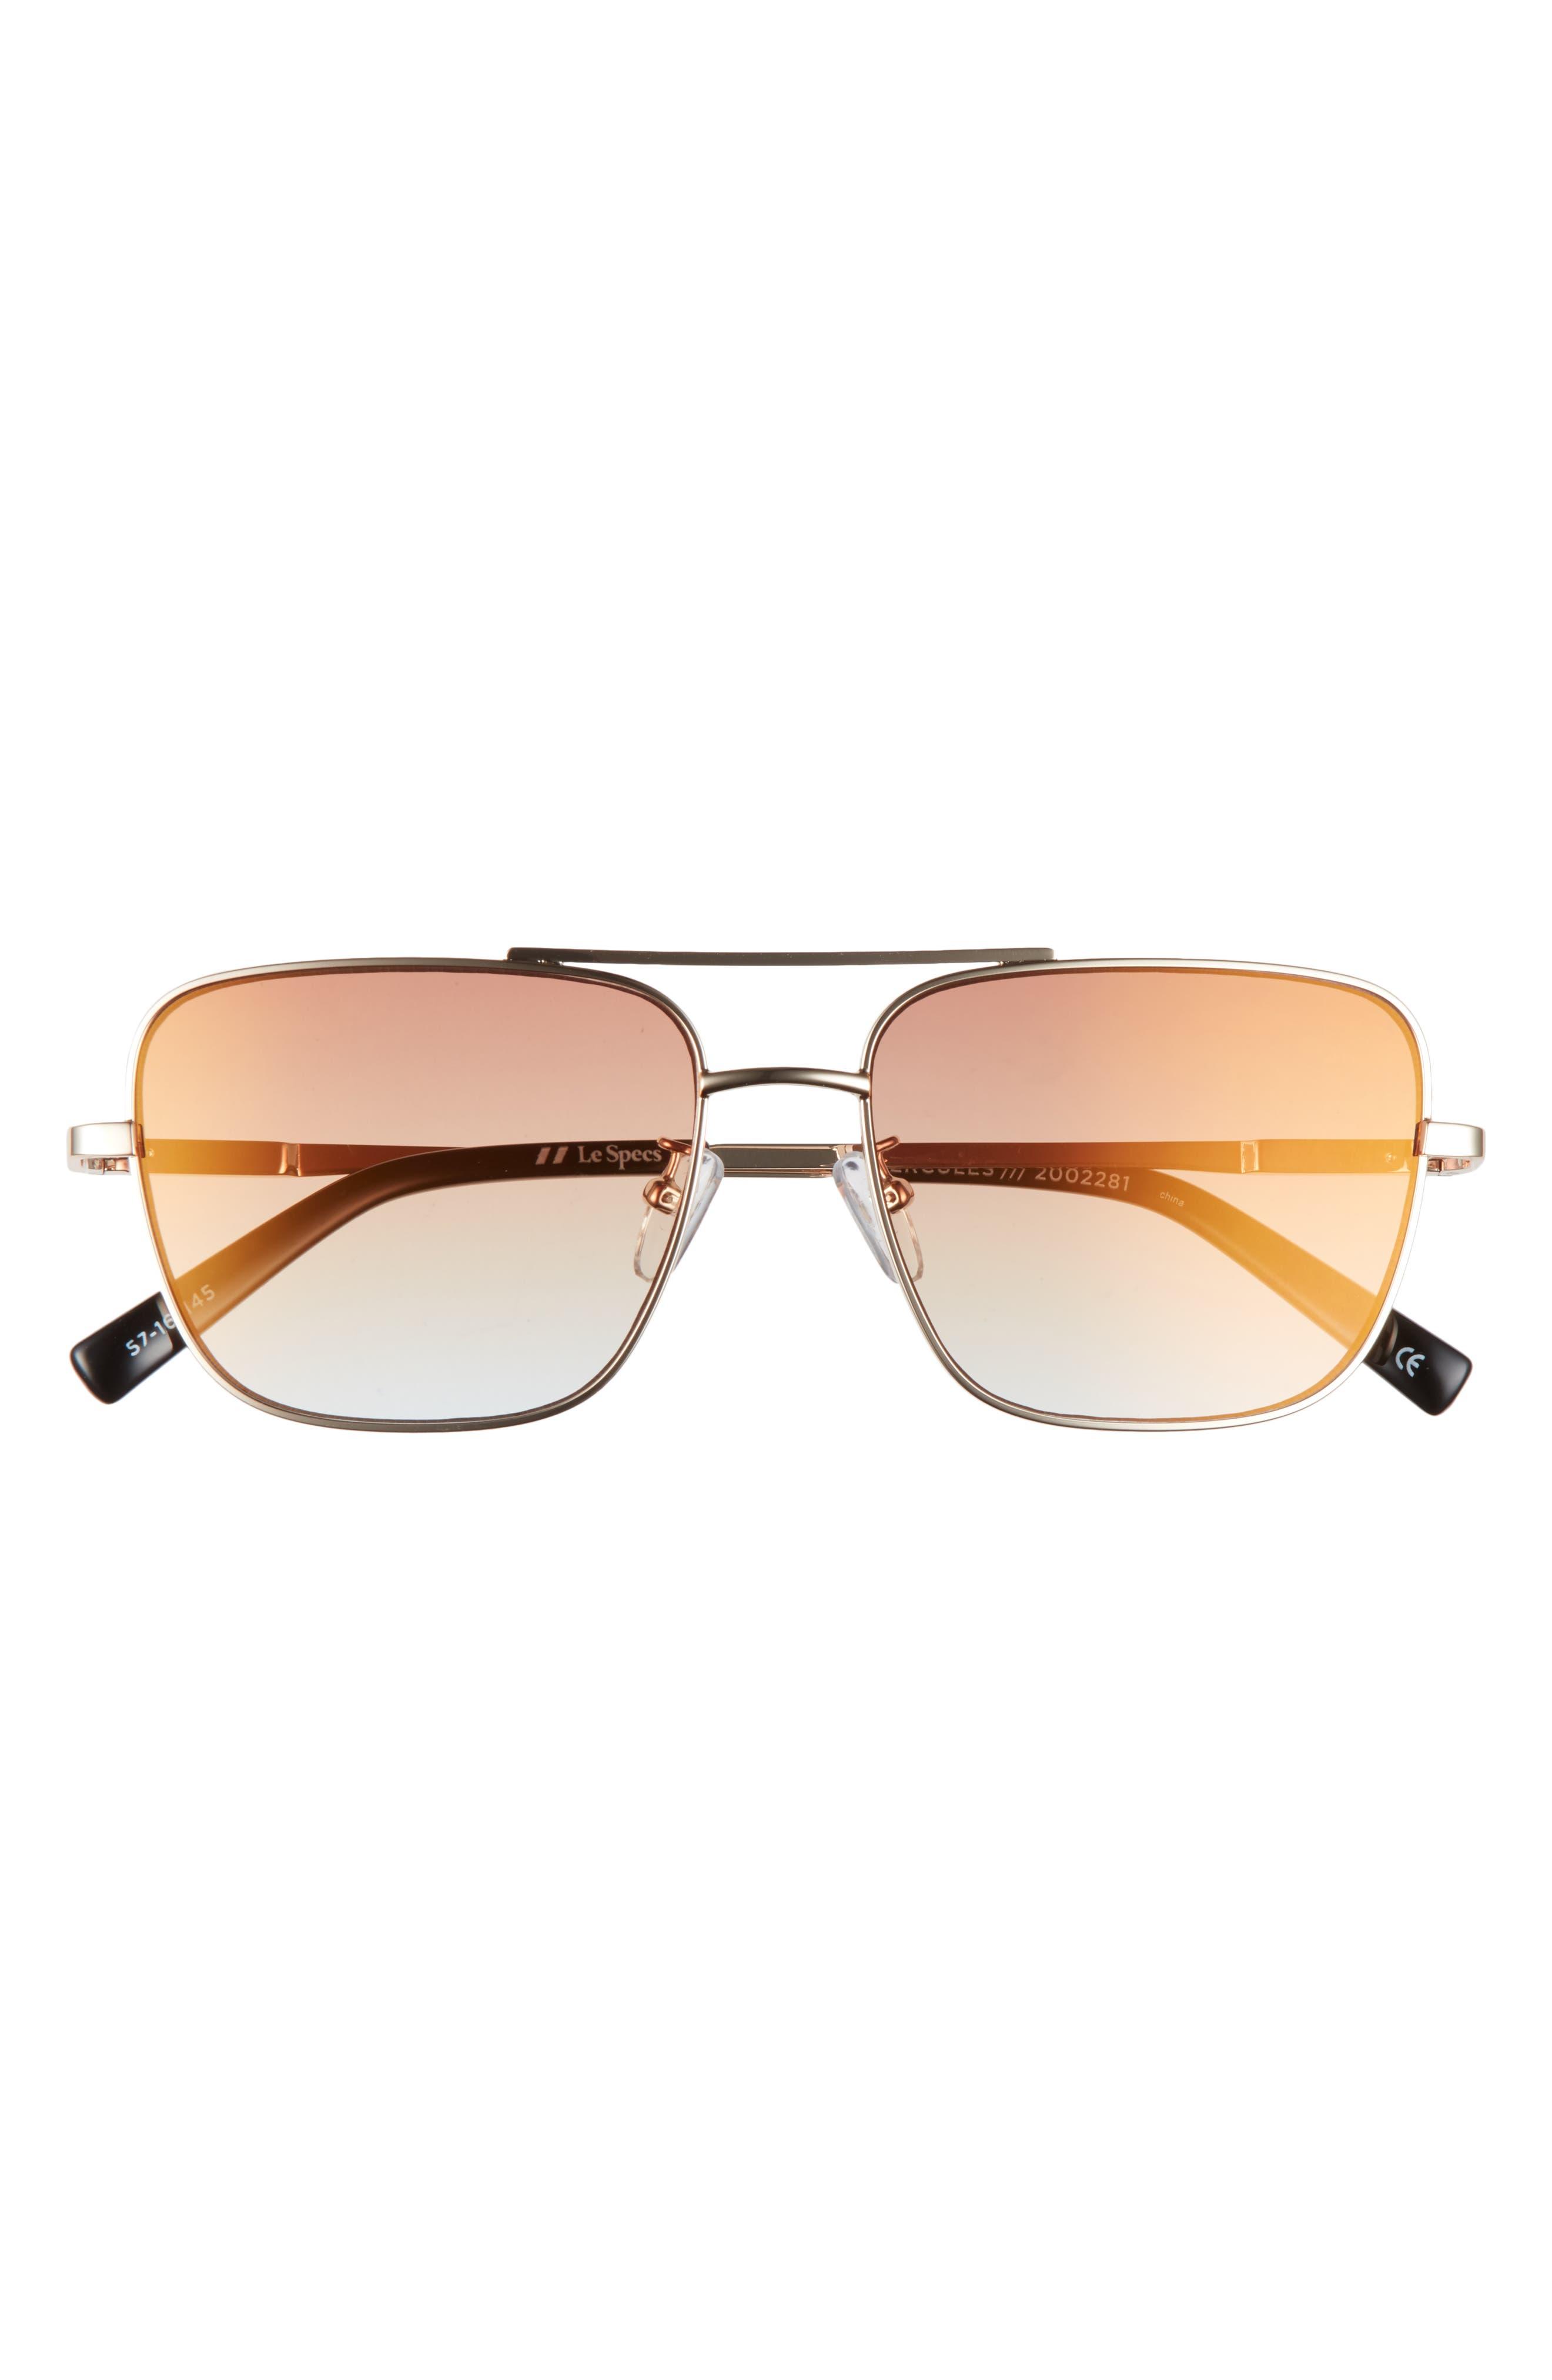 Hercules 56mm Aviator Sunglasses